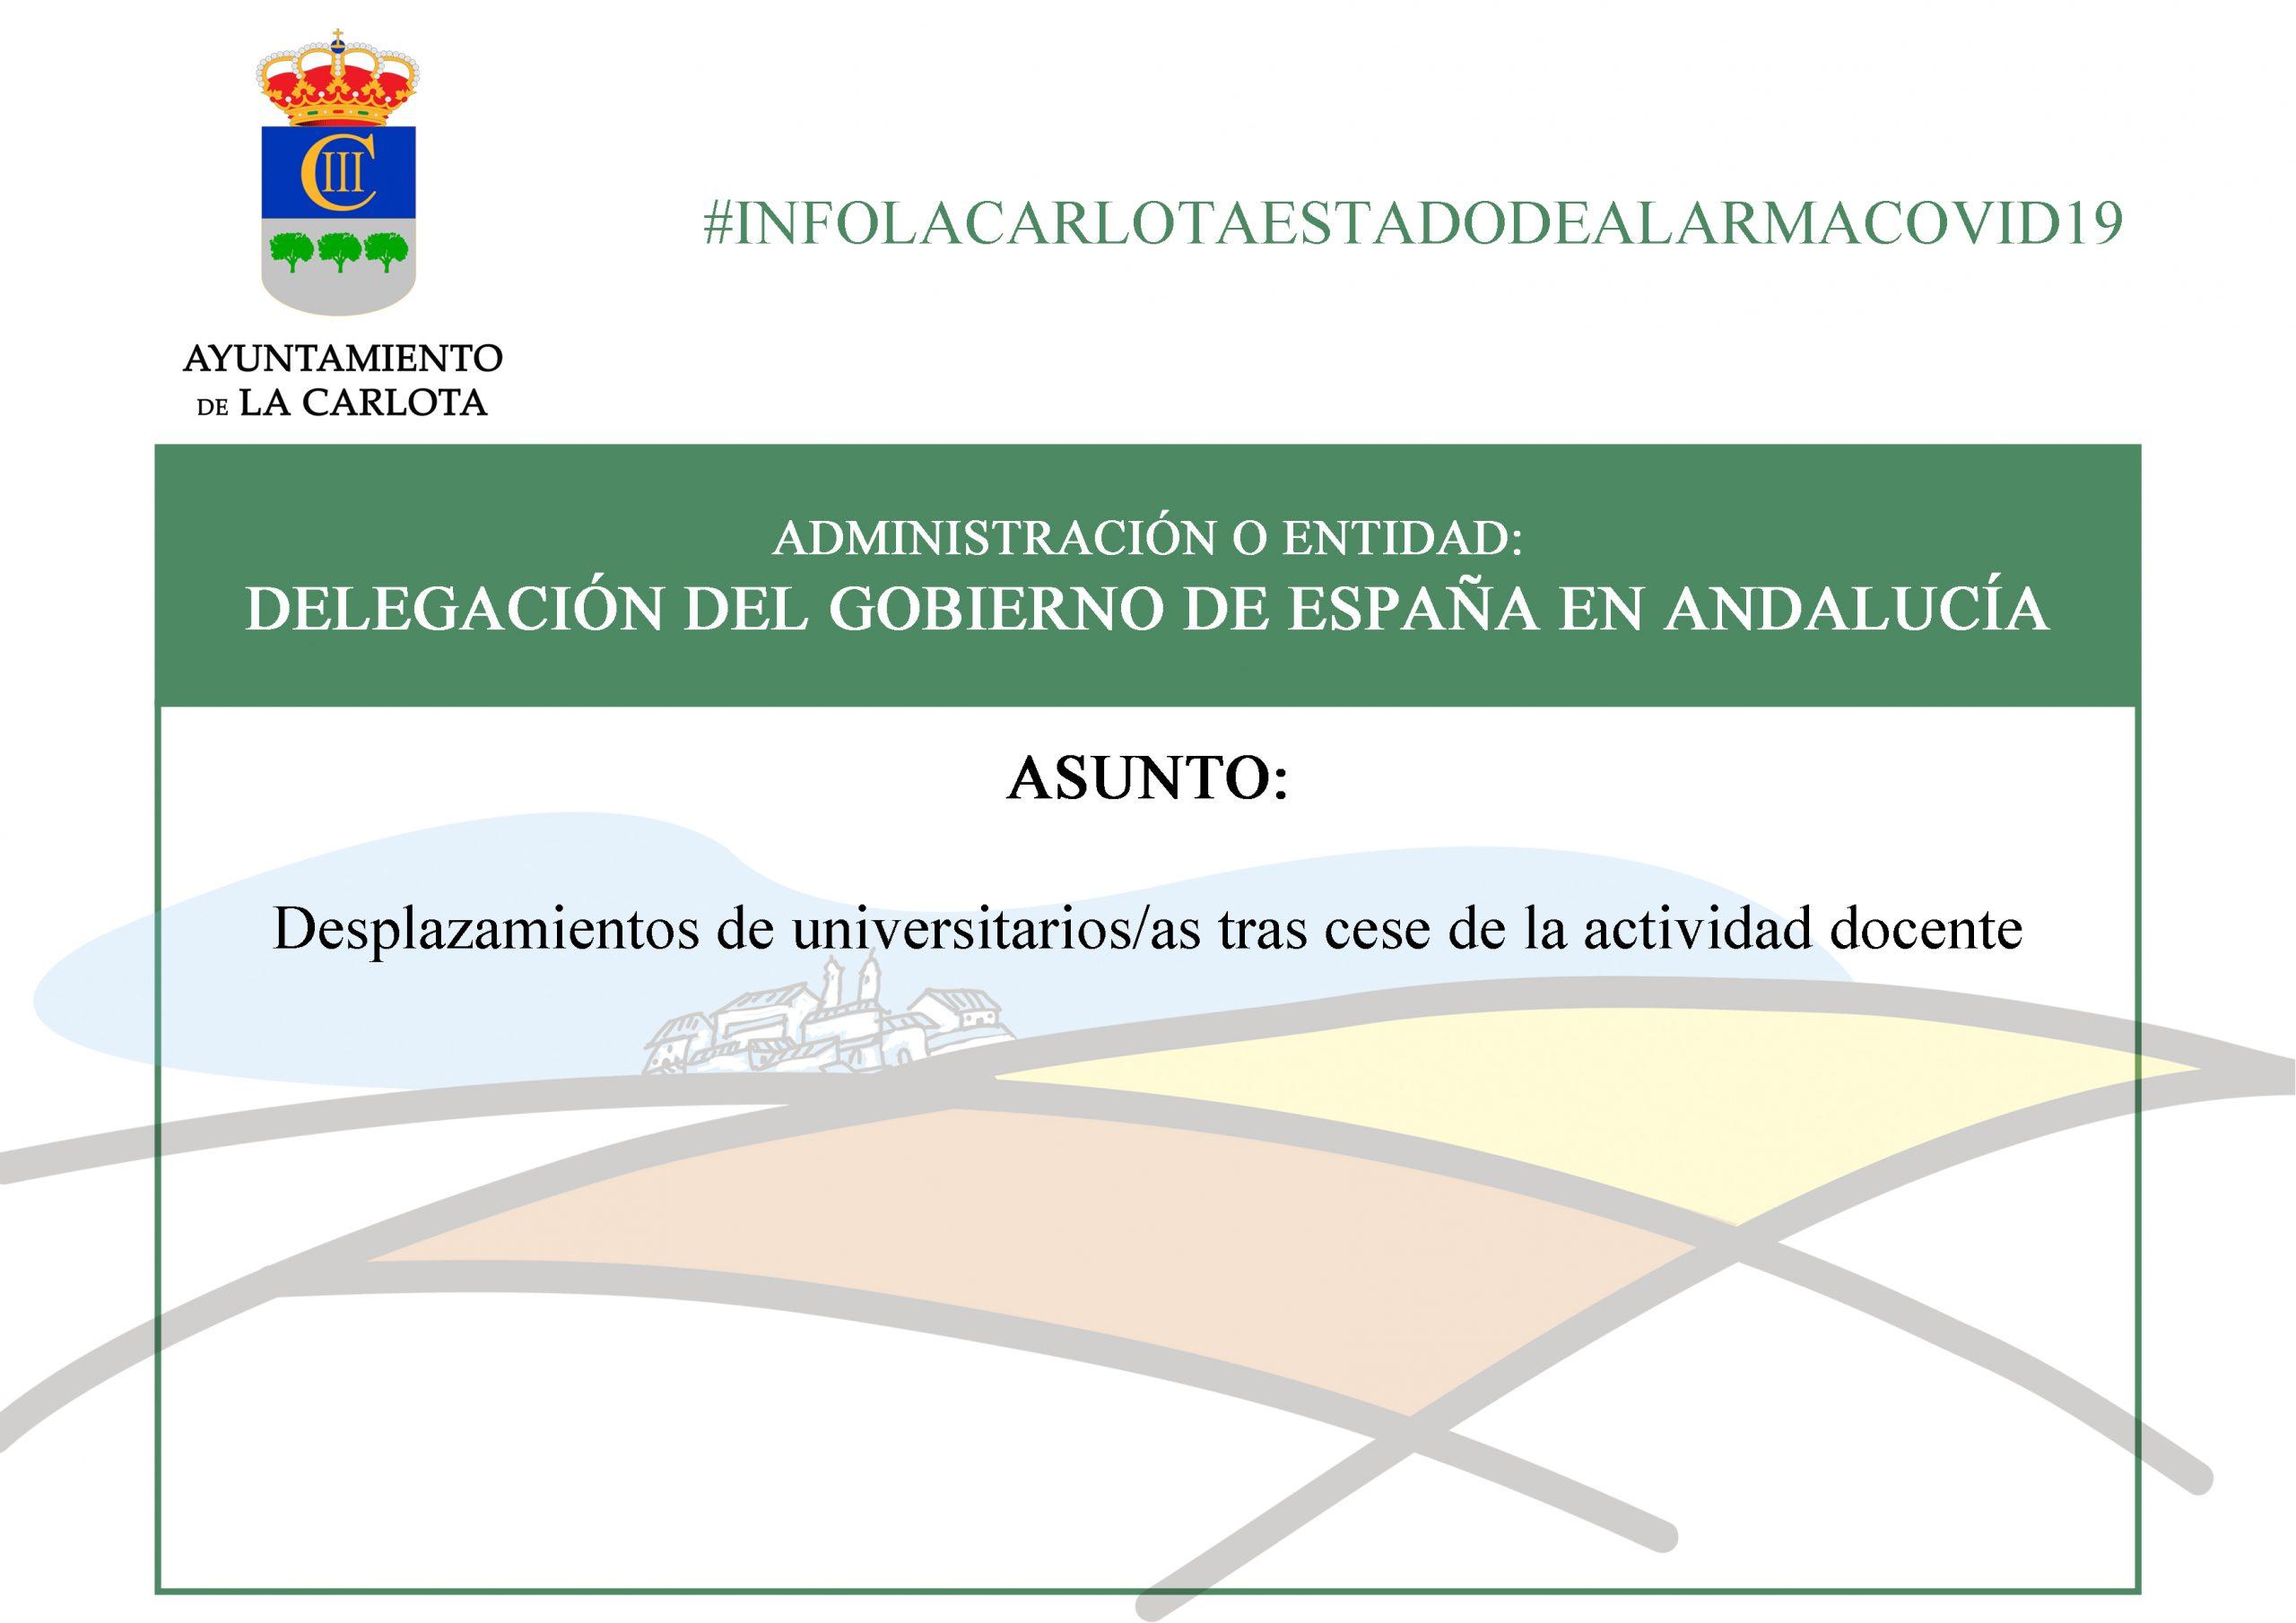 #INFOLACARLOTAESTADODEALARMACOVID19 DESPLAZAMIENTOS DE UNIVERSITARIOS/AS TRAS CESE DE LA ACTIVIDAD DOCENTE 1